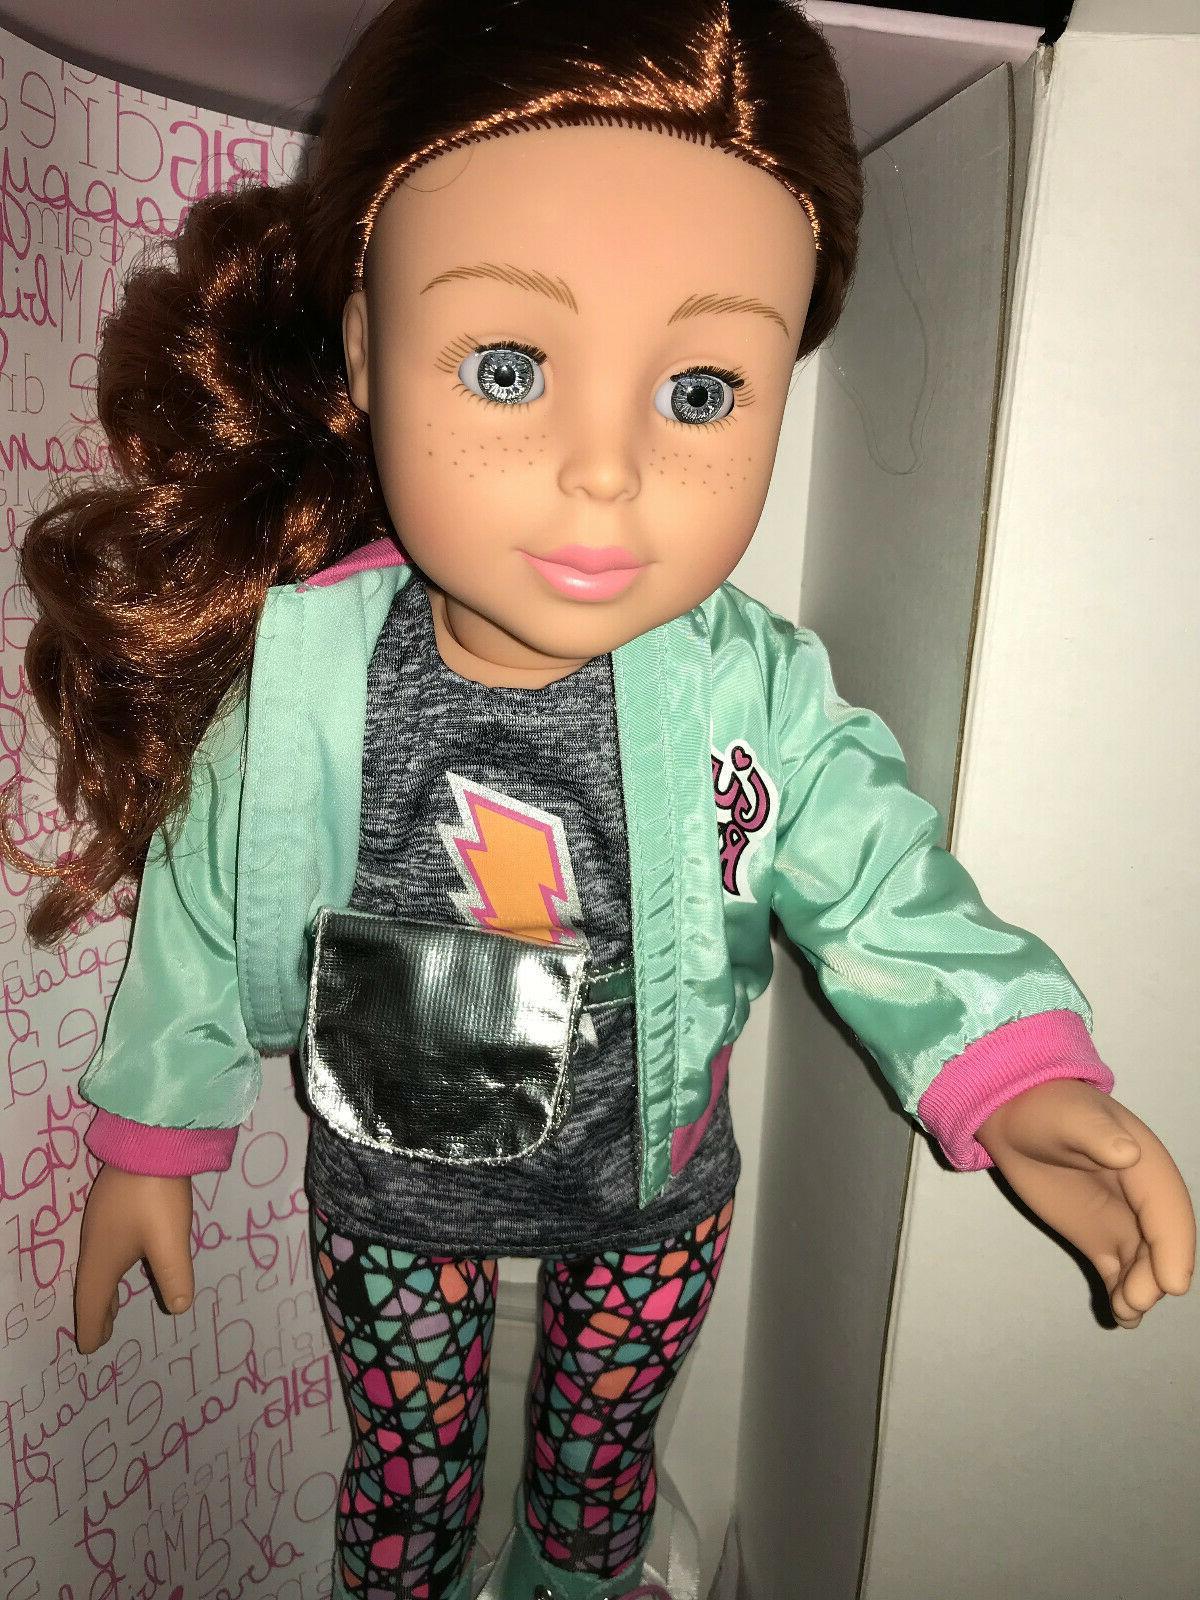 Adora Girls Doll Redhead